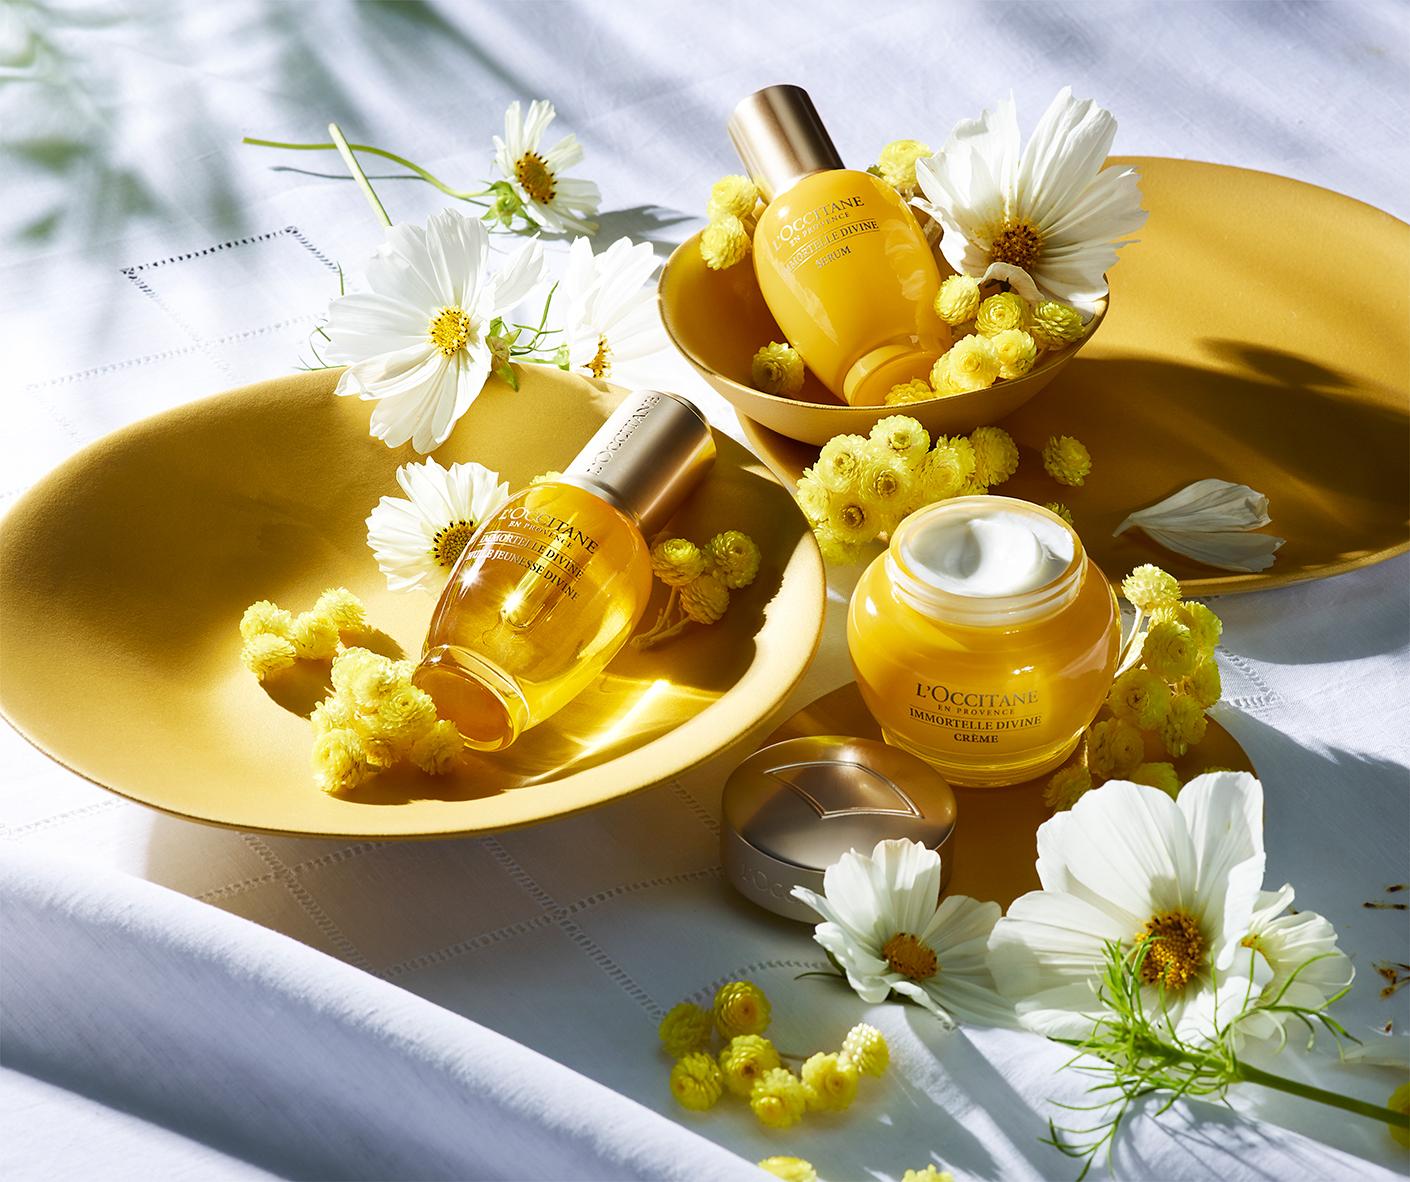 IMMORTELLE PRECIOUS COLLECTION - A unique anti-aging beauty routine - l'Occitane